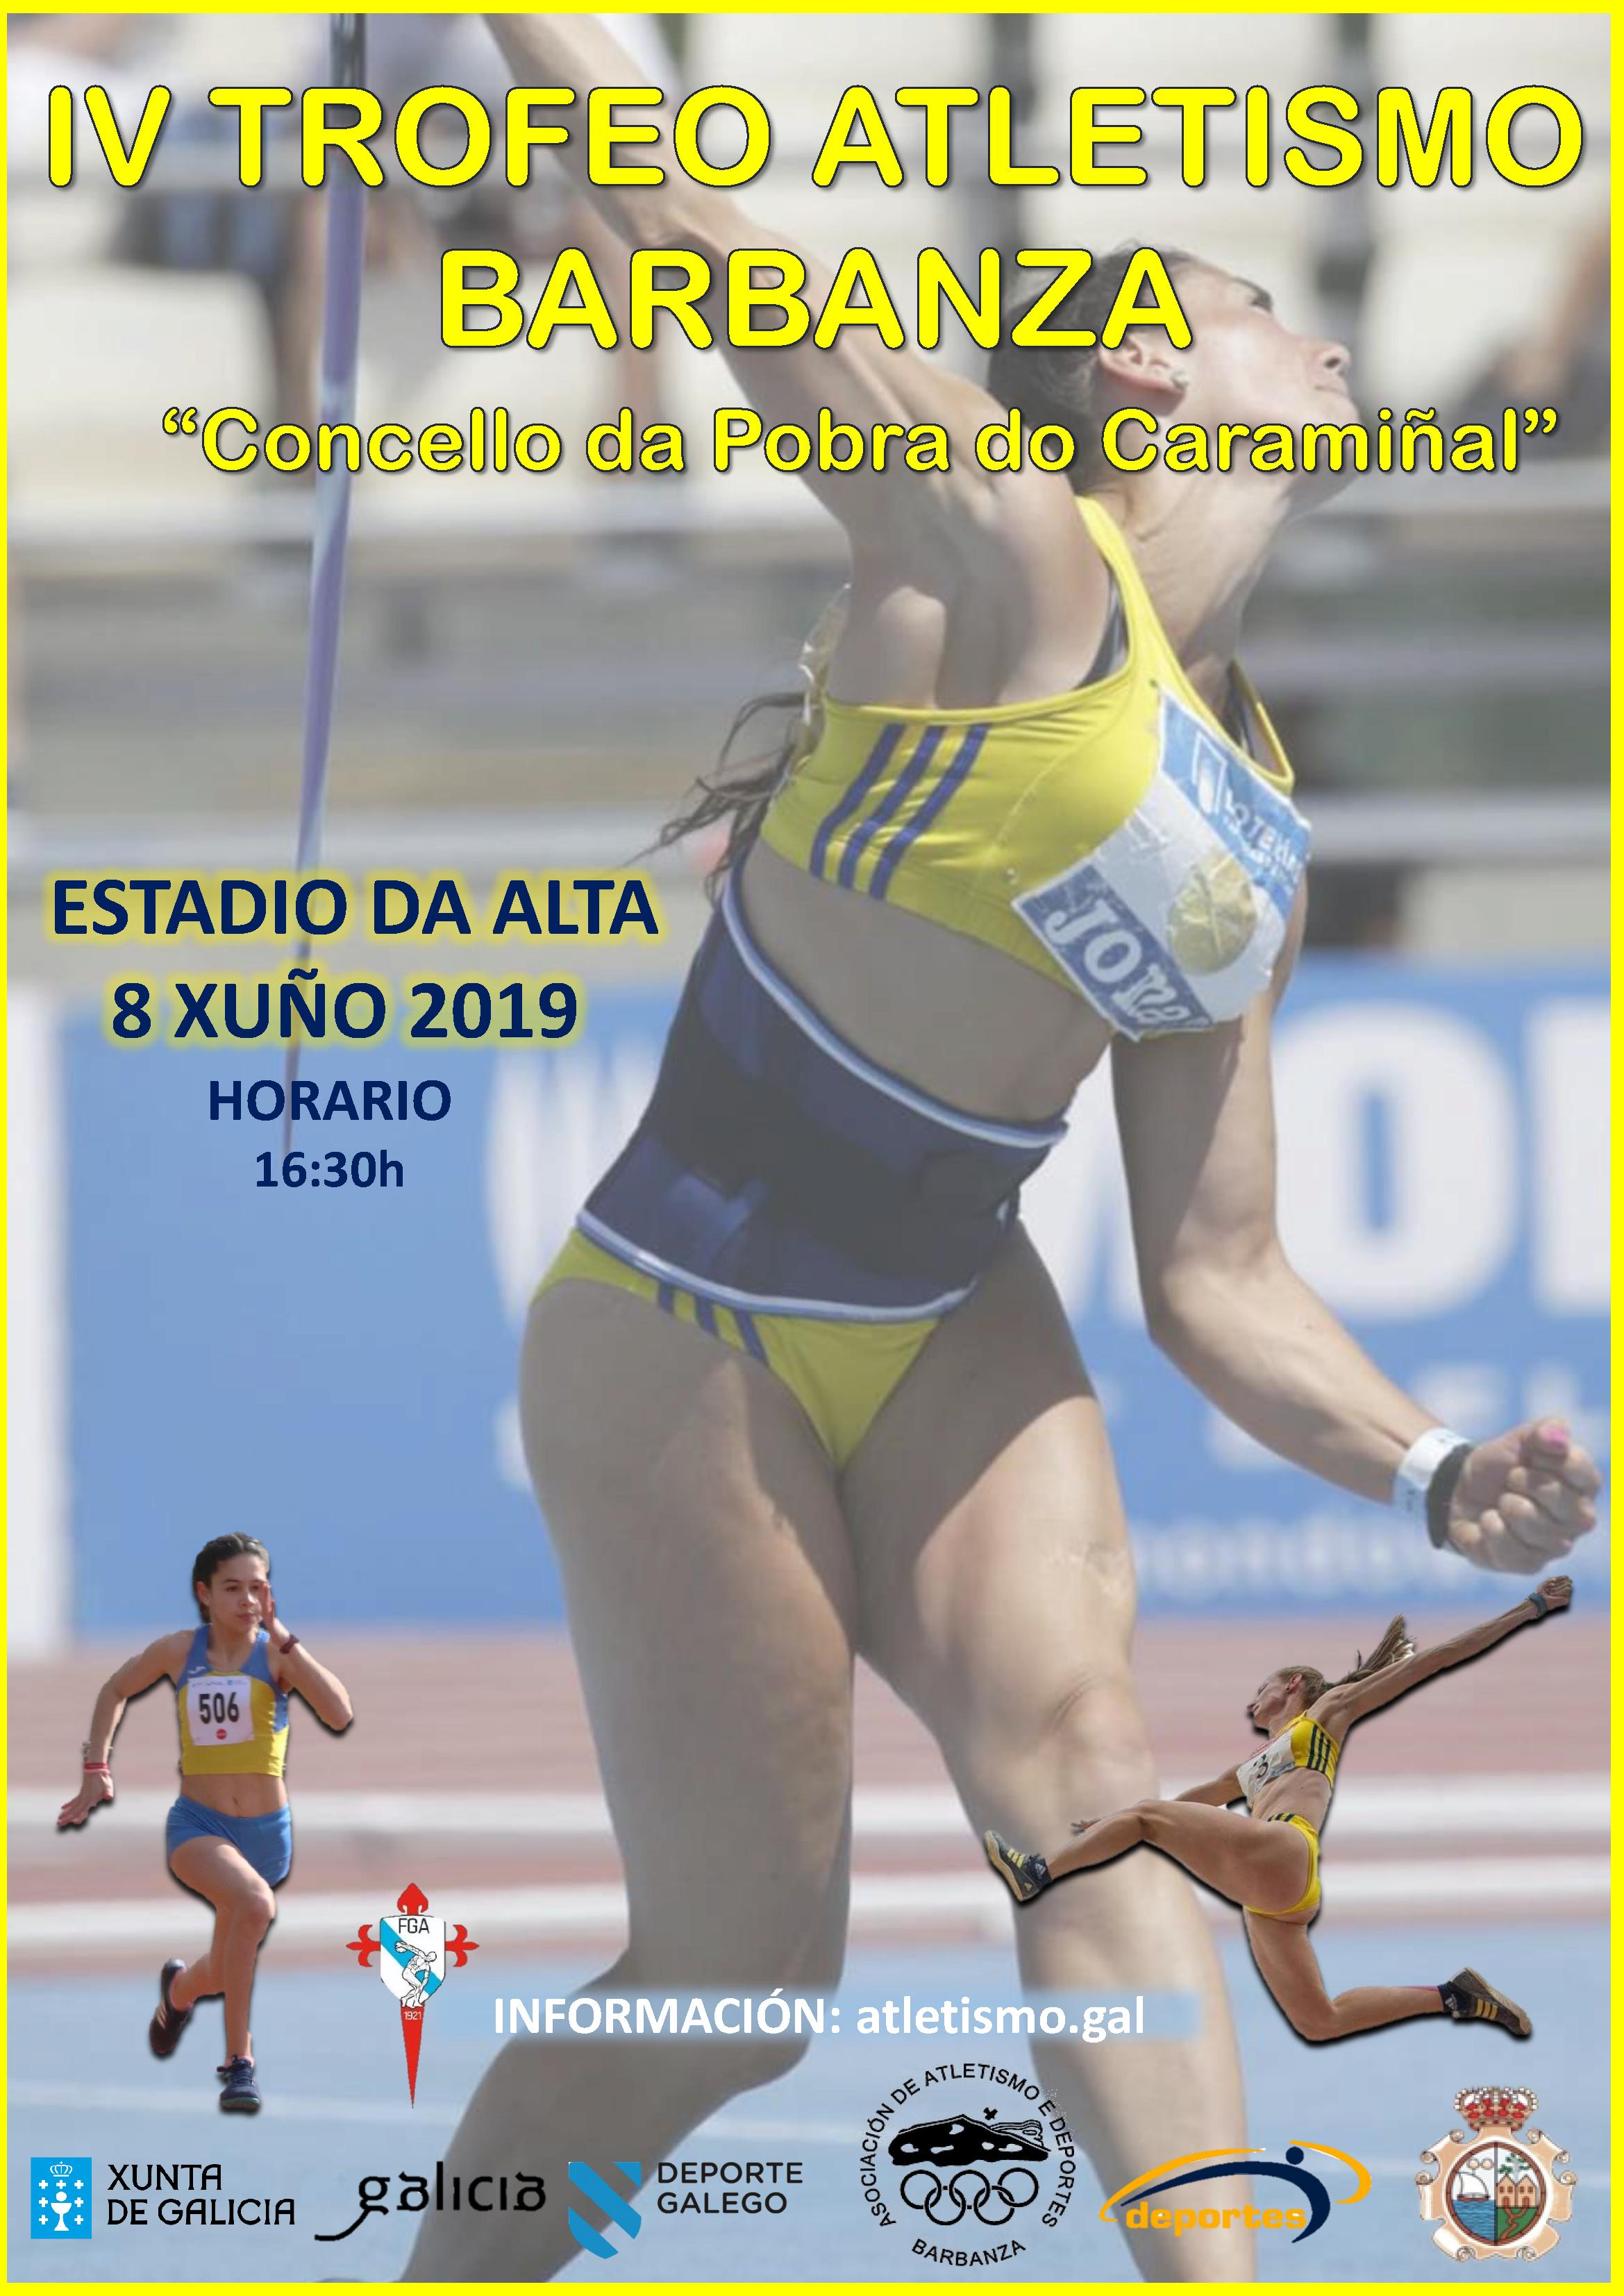 IV Trofeo de Atletismo Barbanza – Concello de A Pobra do Caramiñal